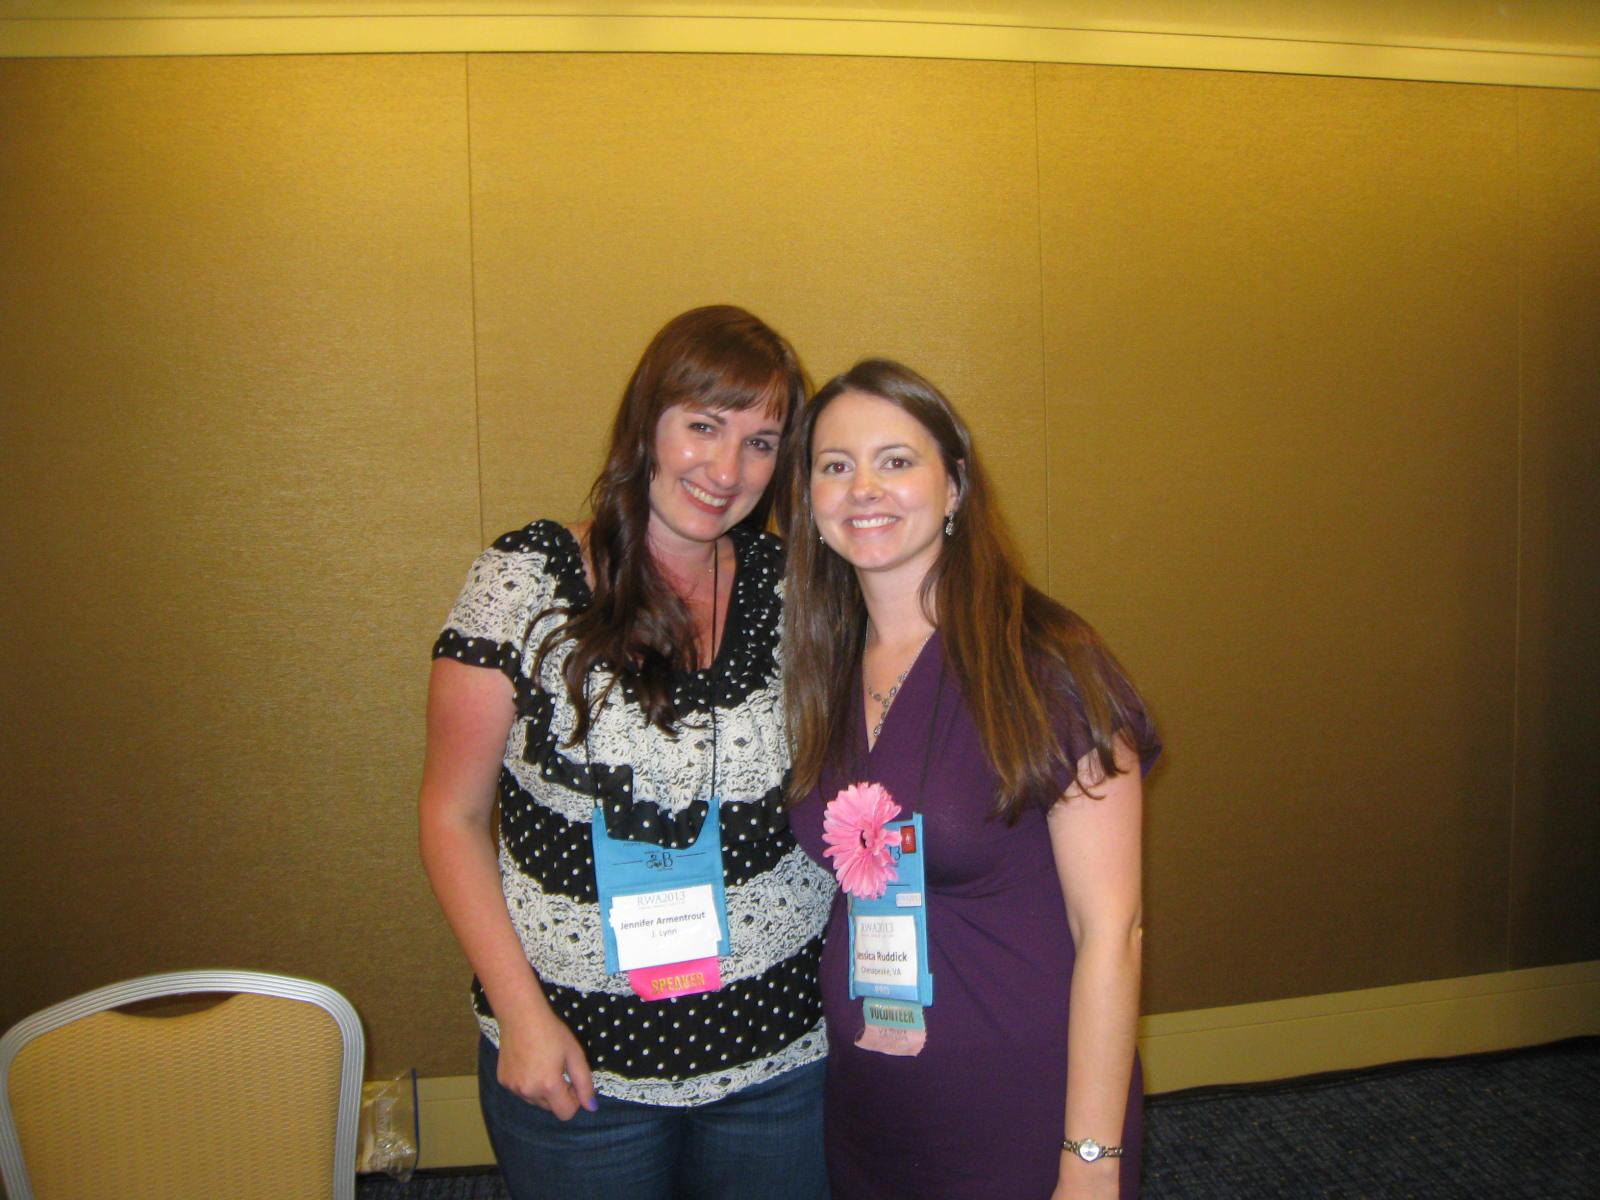 Jessica & Jennifer L. Armentrout